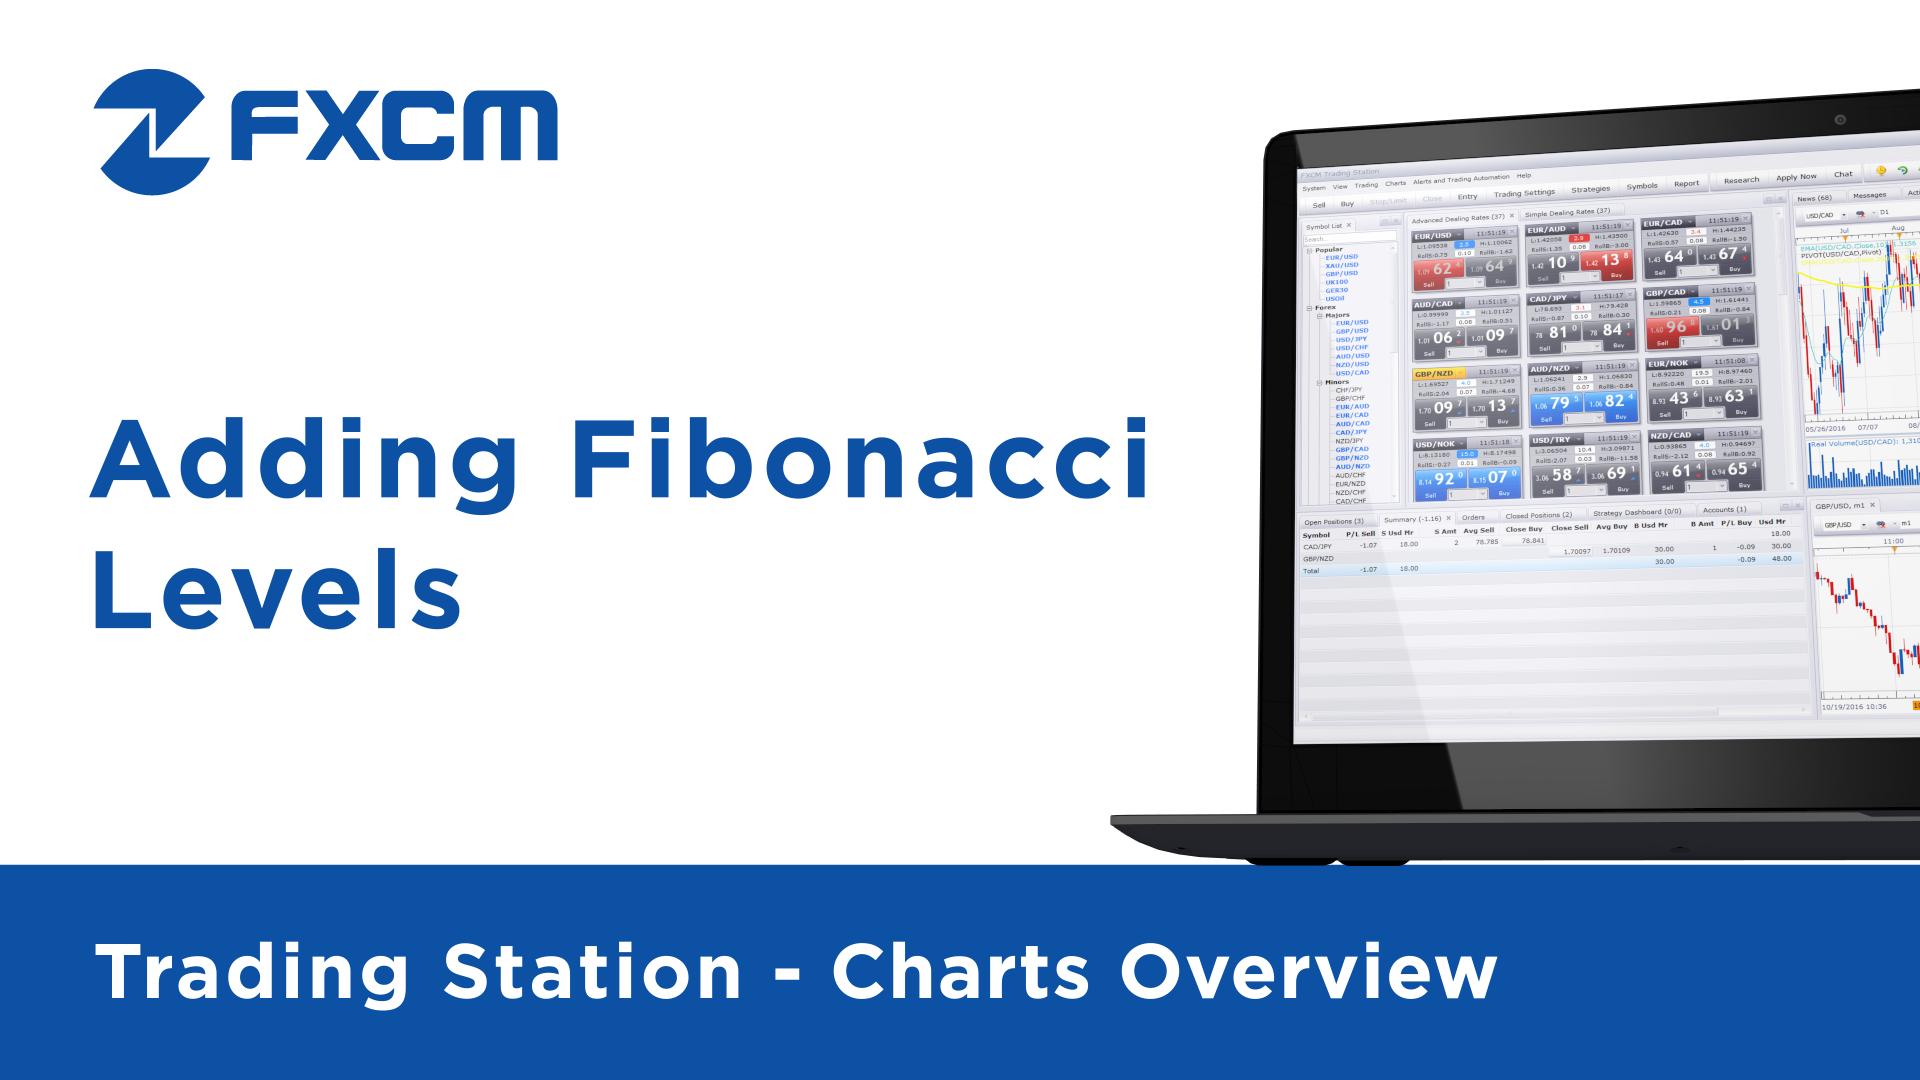 Adding Fibonacci Levels